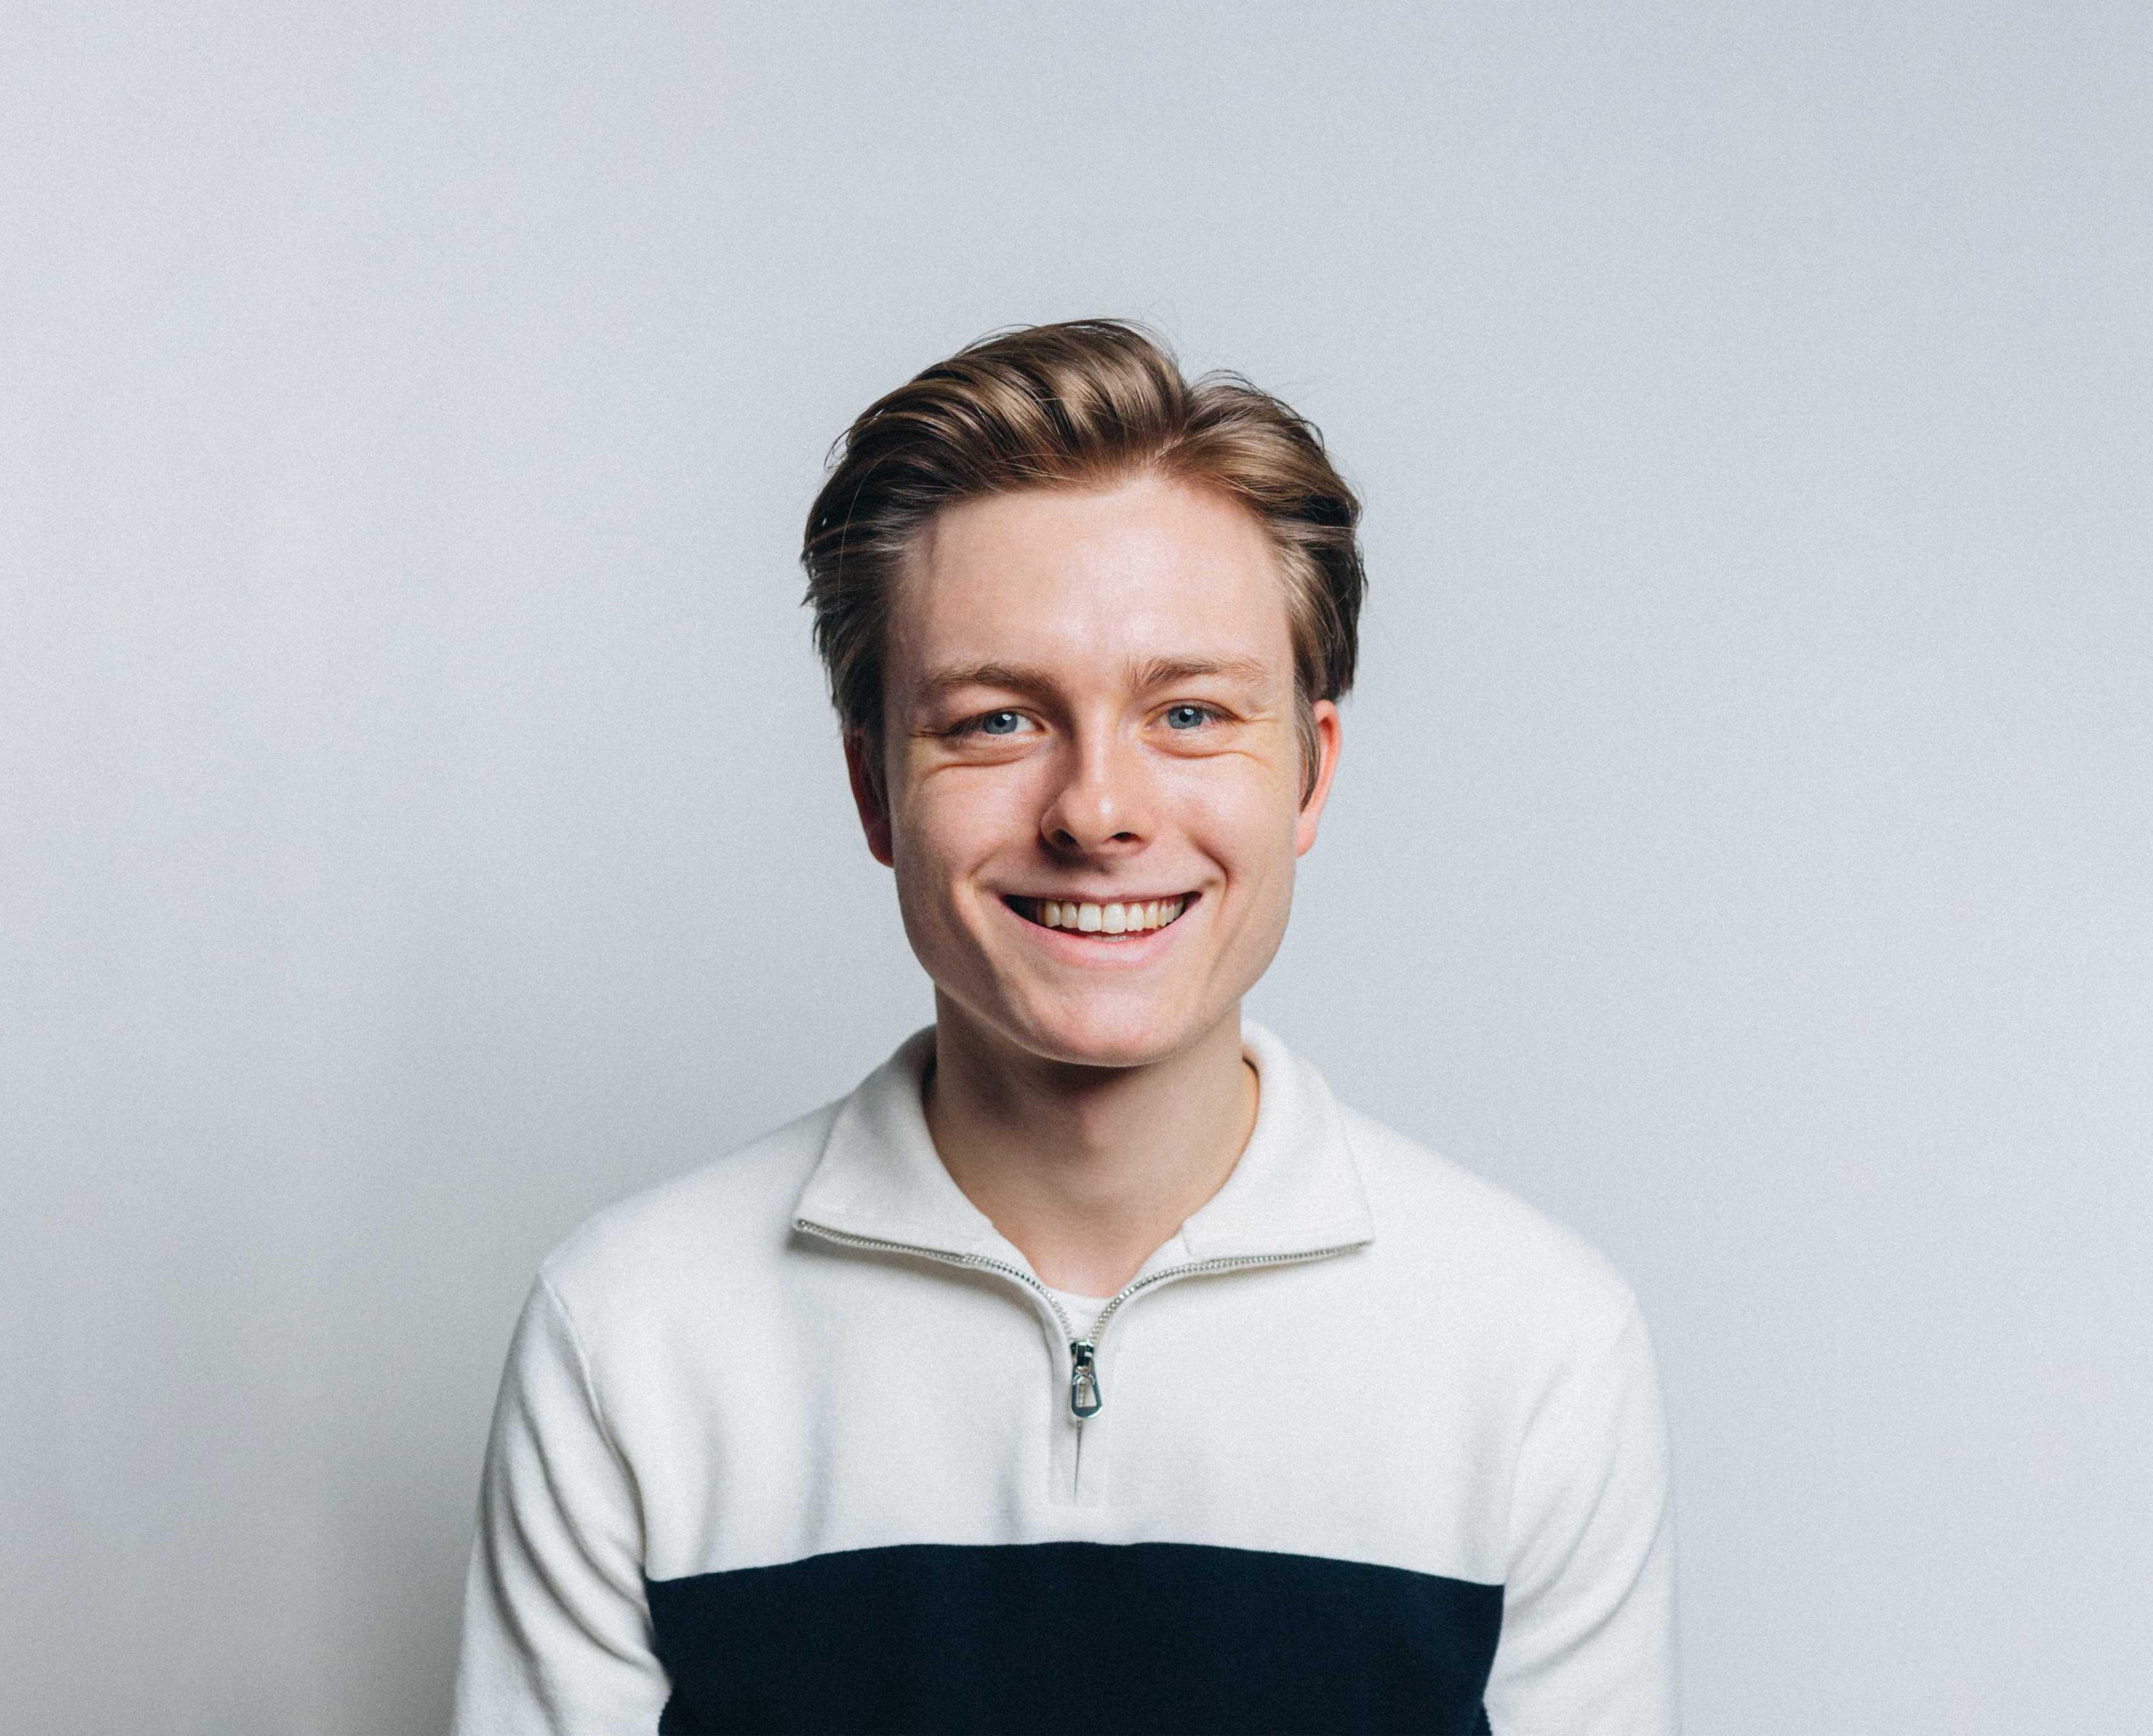 Sebastian Haede Portrait - Large